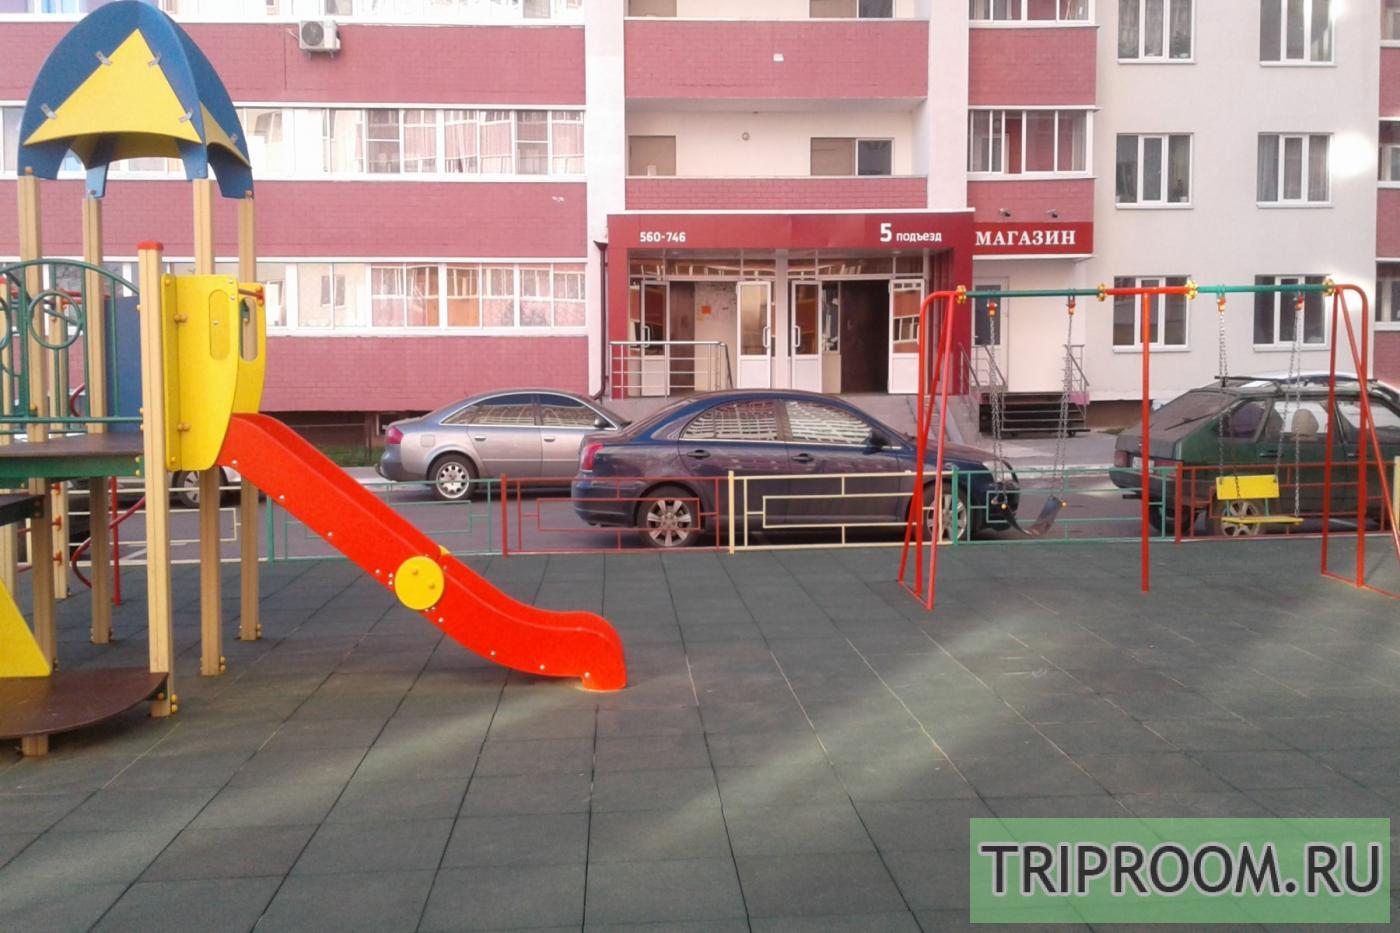 2-комнатная квартира посуточно (вариант № 36246), ул. Олимпийский бульвар, фото № 6